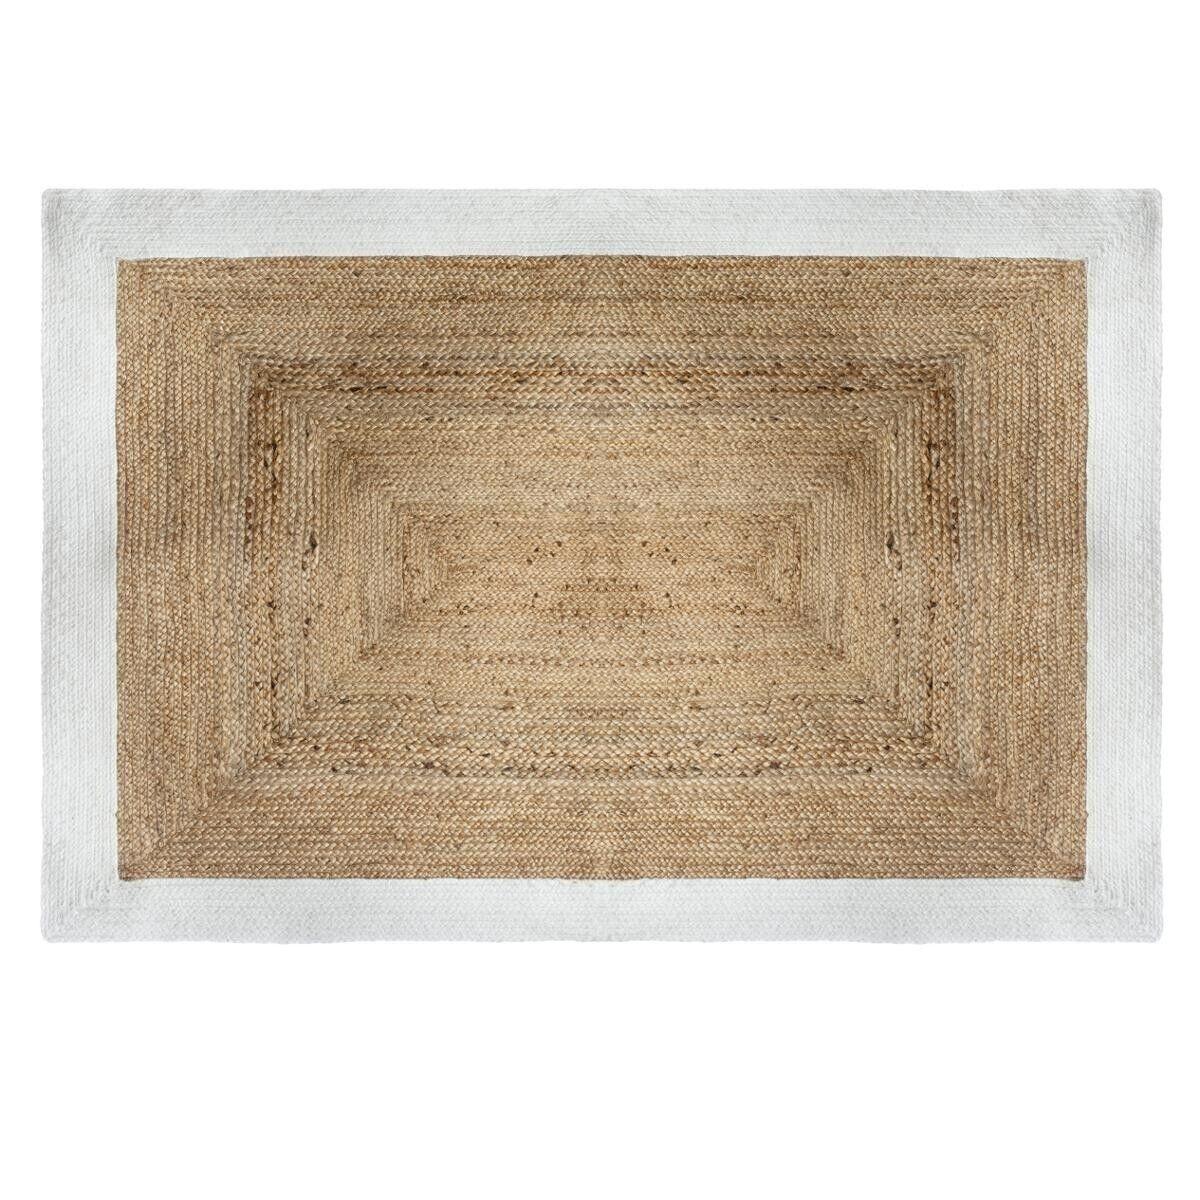 Atmosphera Tapis en jute bord blanc 120x170 cm